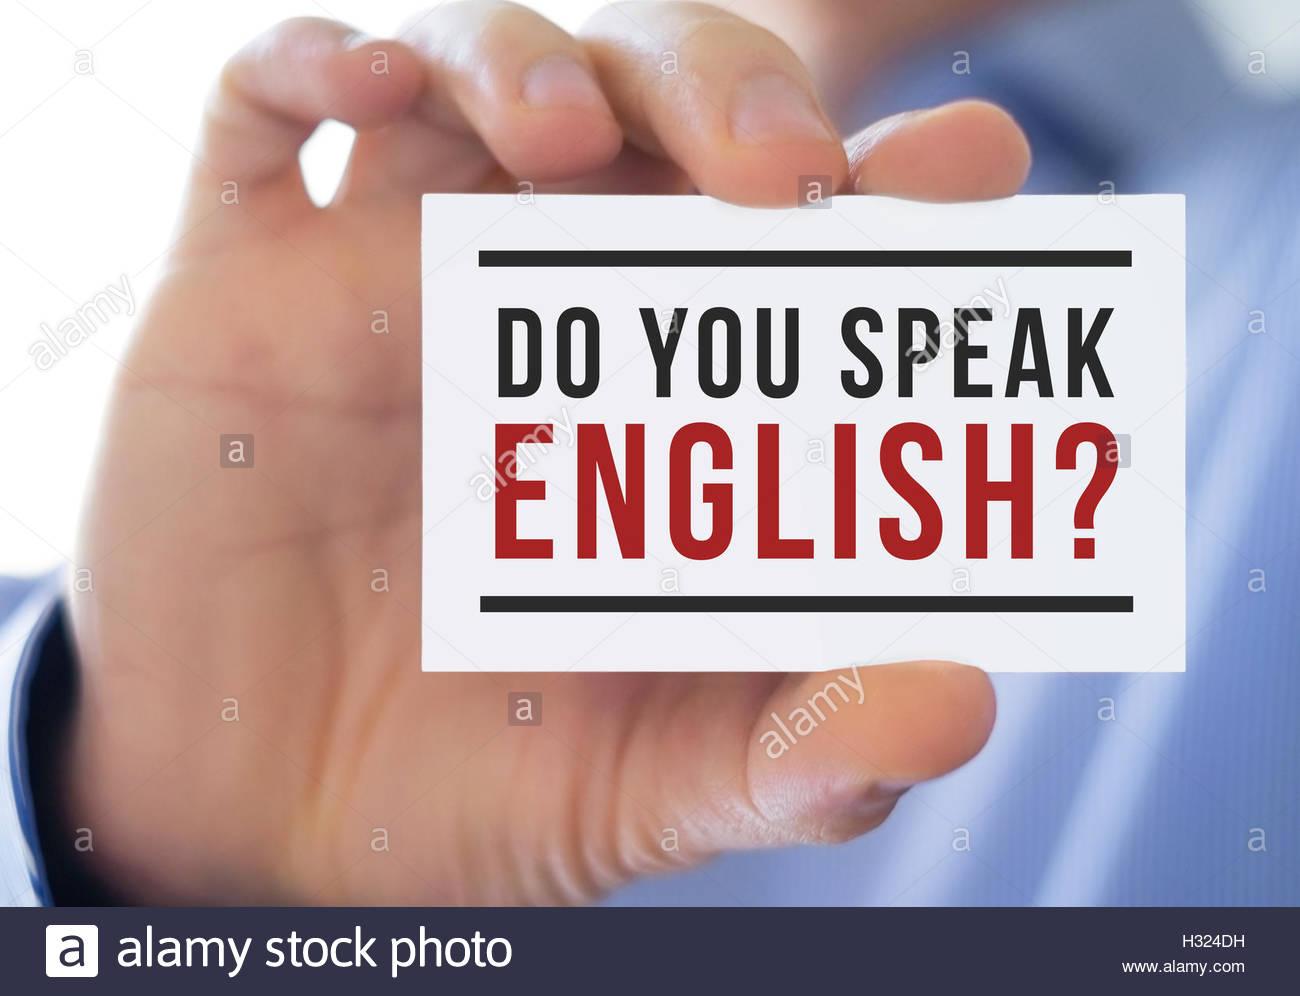 do you speak english - language education Stock Photo